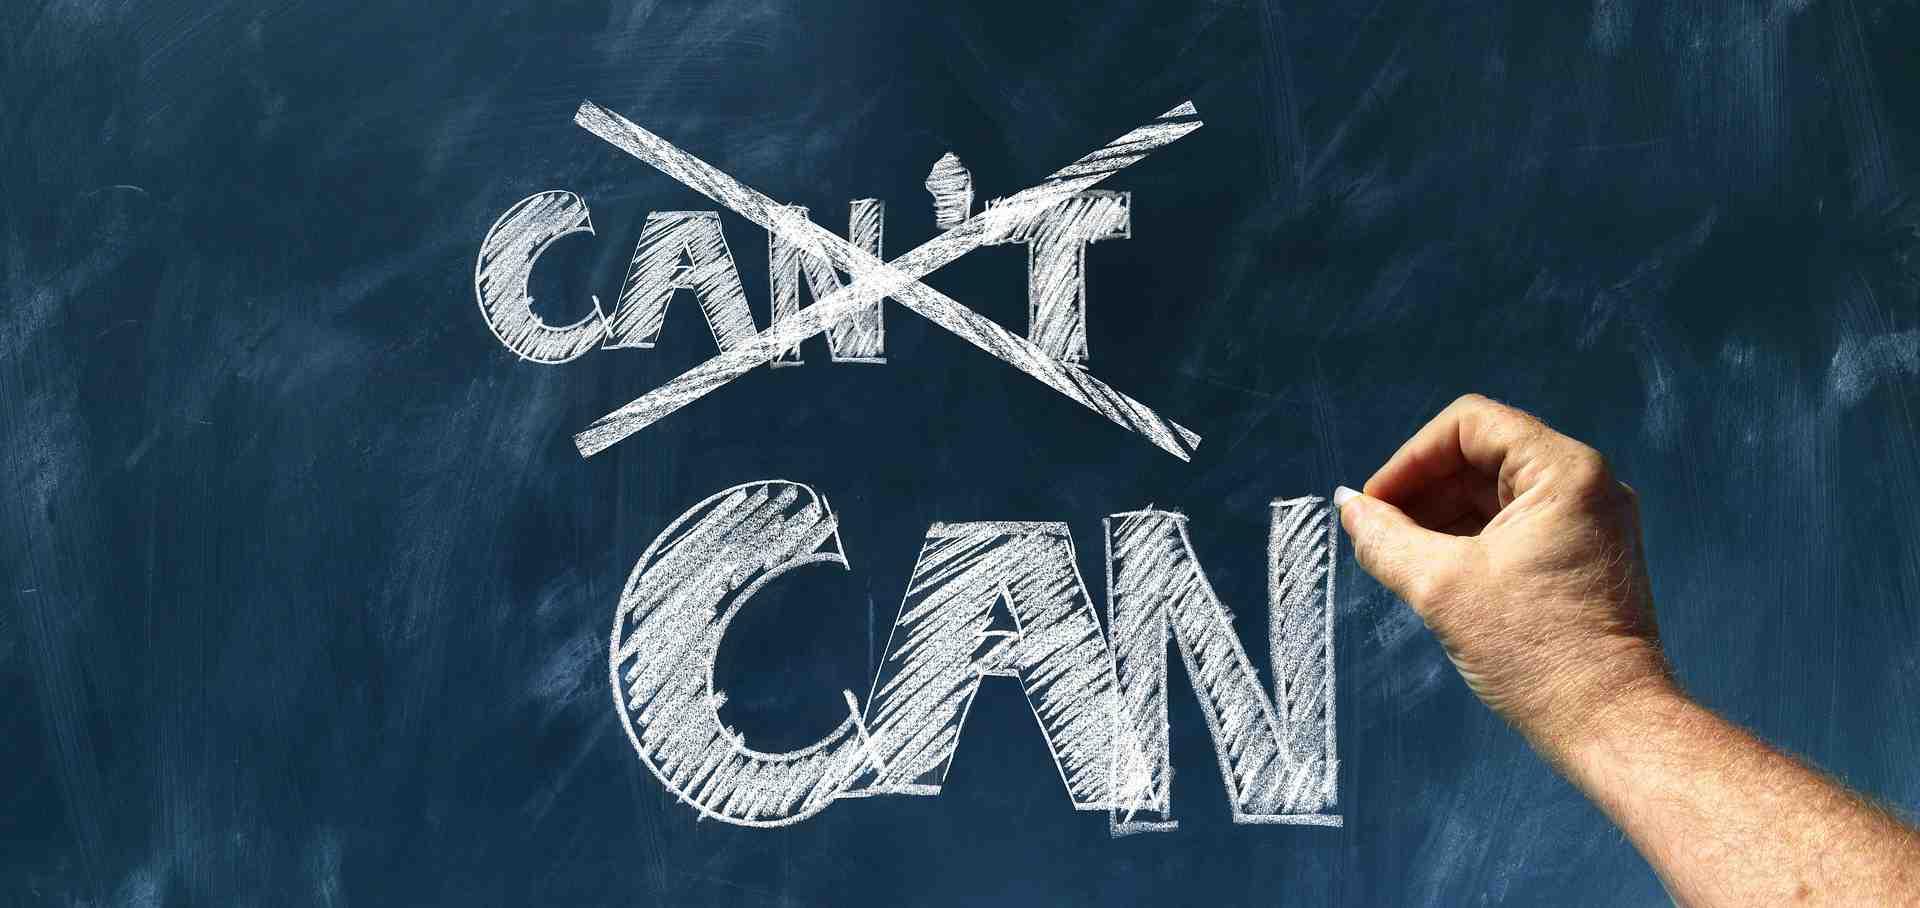 【やる気がでない?】筋トレのモチベーションを上げる方法を徹底解説・誰でも簡単にモチベーションアップしてムキムキに!